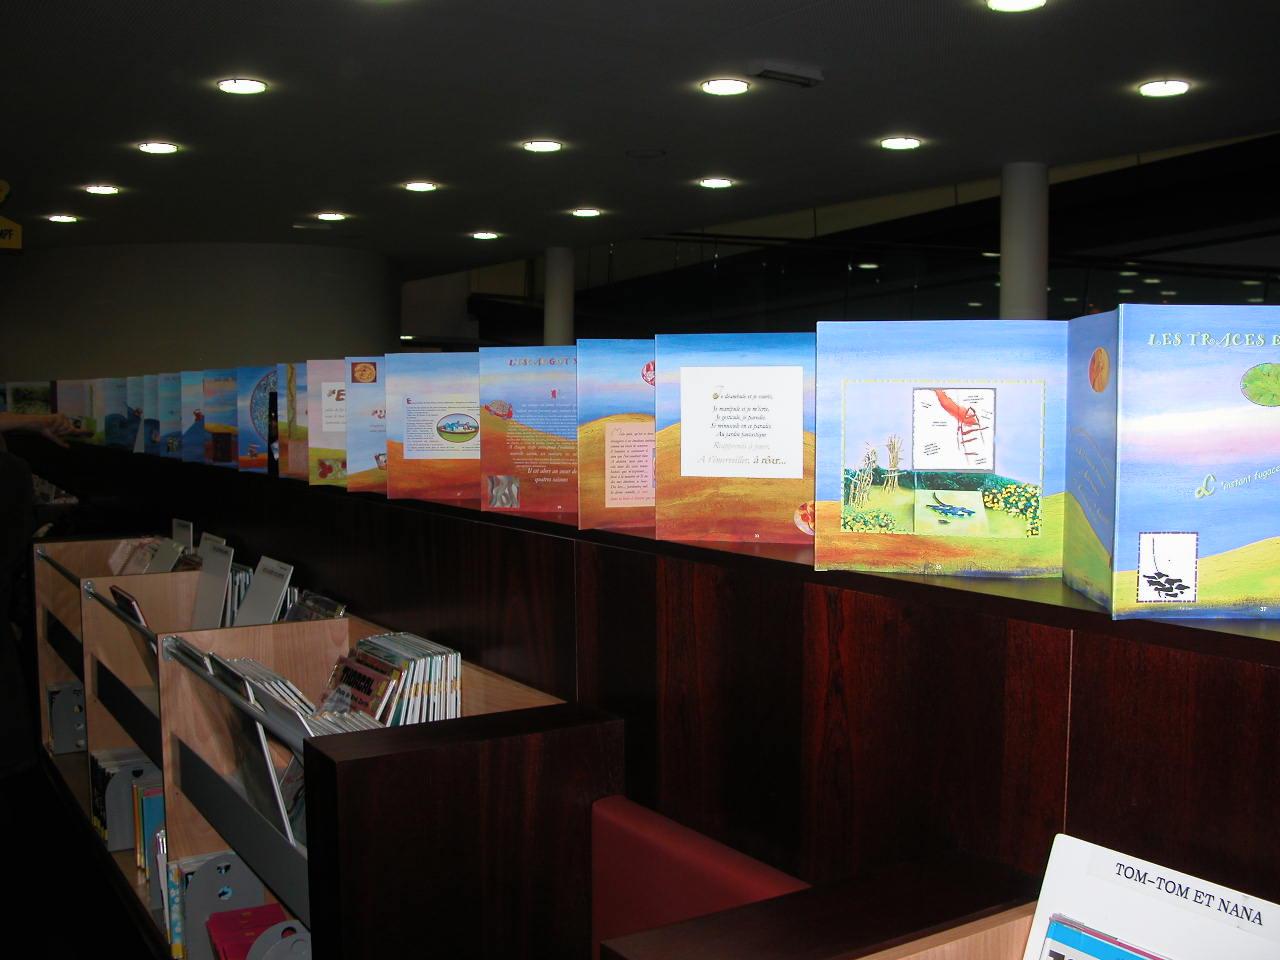 Livre Géant de 13 mètres  4 ( installation in Situ médiathèque )